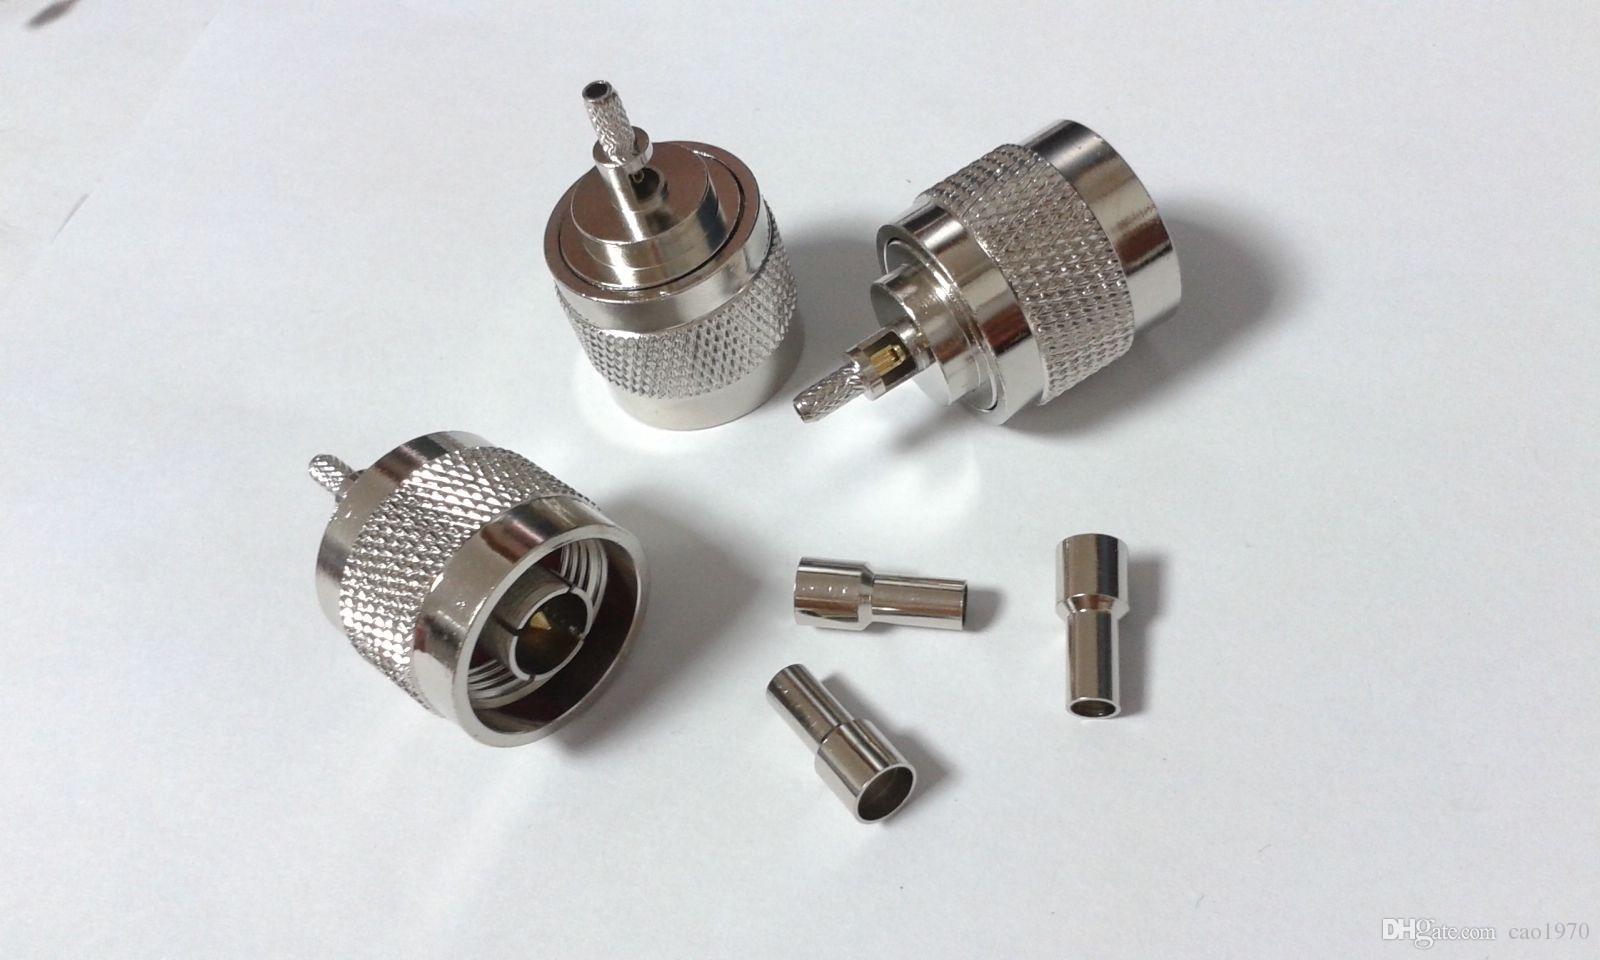 50 pcs N Plug Mâle Connecteur Adaptateur Connecteur pour RG316 RG174 Câble coaxial